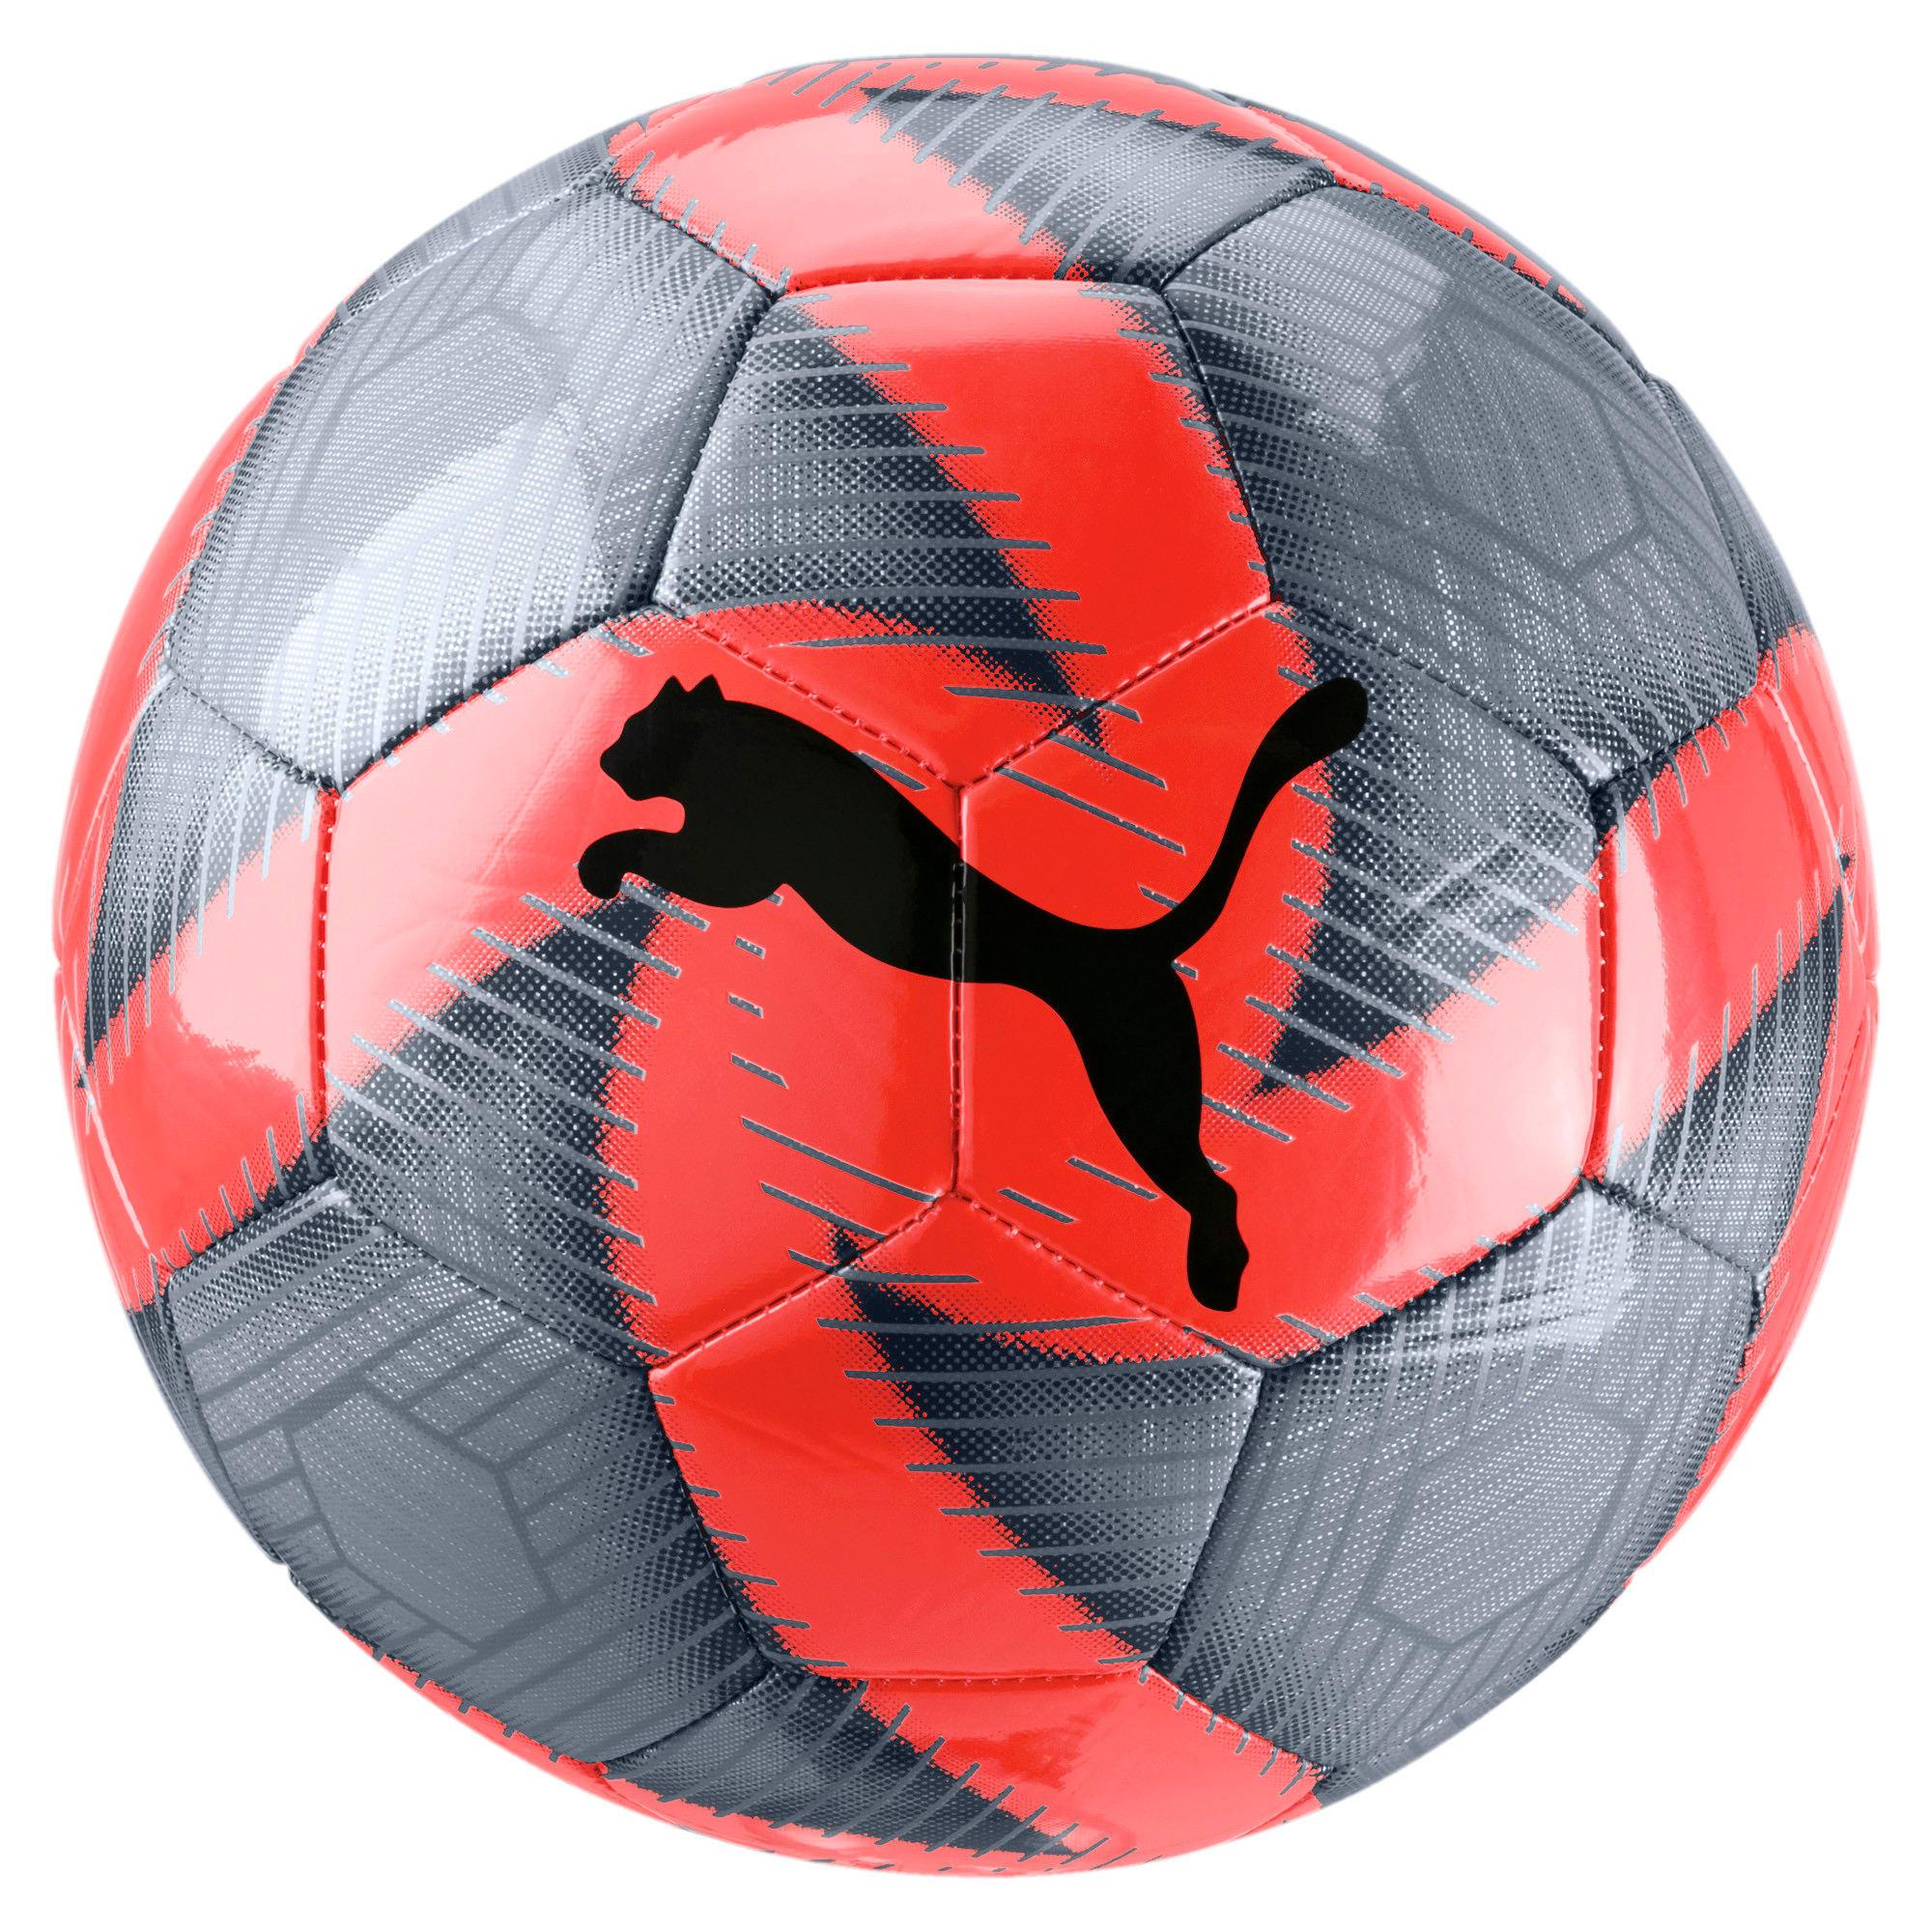 Thumbnail 1 of FUTURE Flare Soccer Ball, Grey-Nrgy Red-Asphalt-White, medium